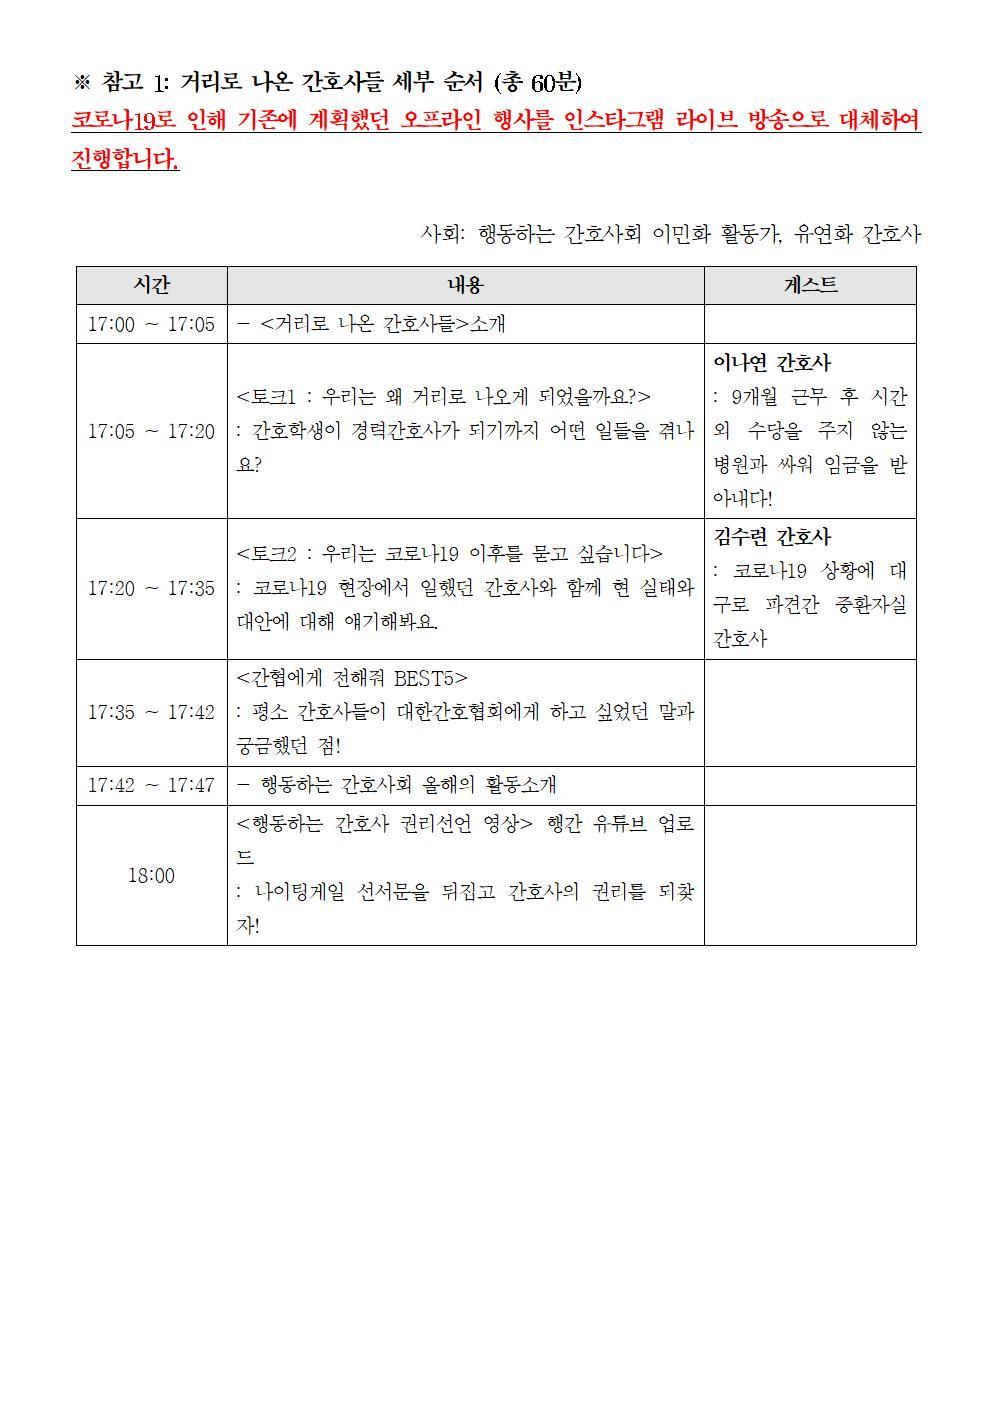 20512_[취재요청서]행동하는간호사권리선언004.jpg